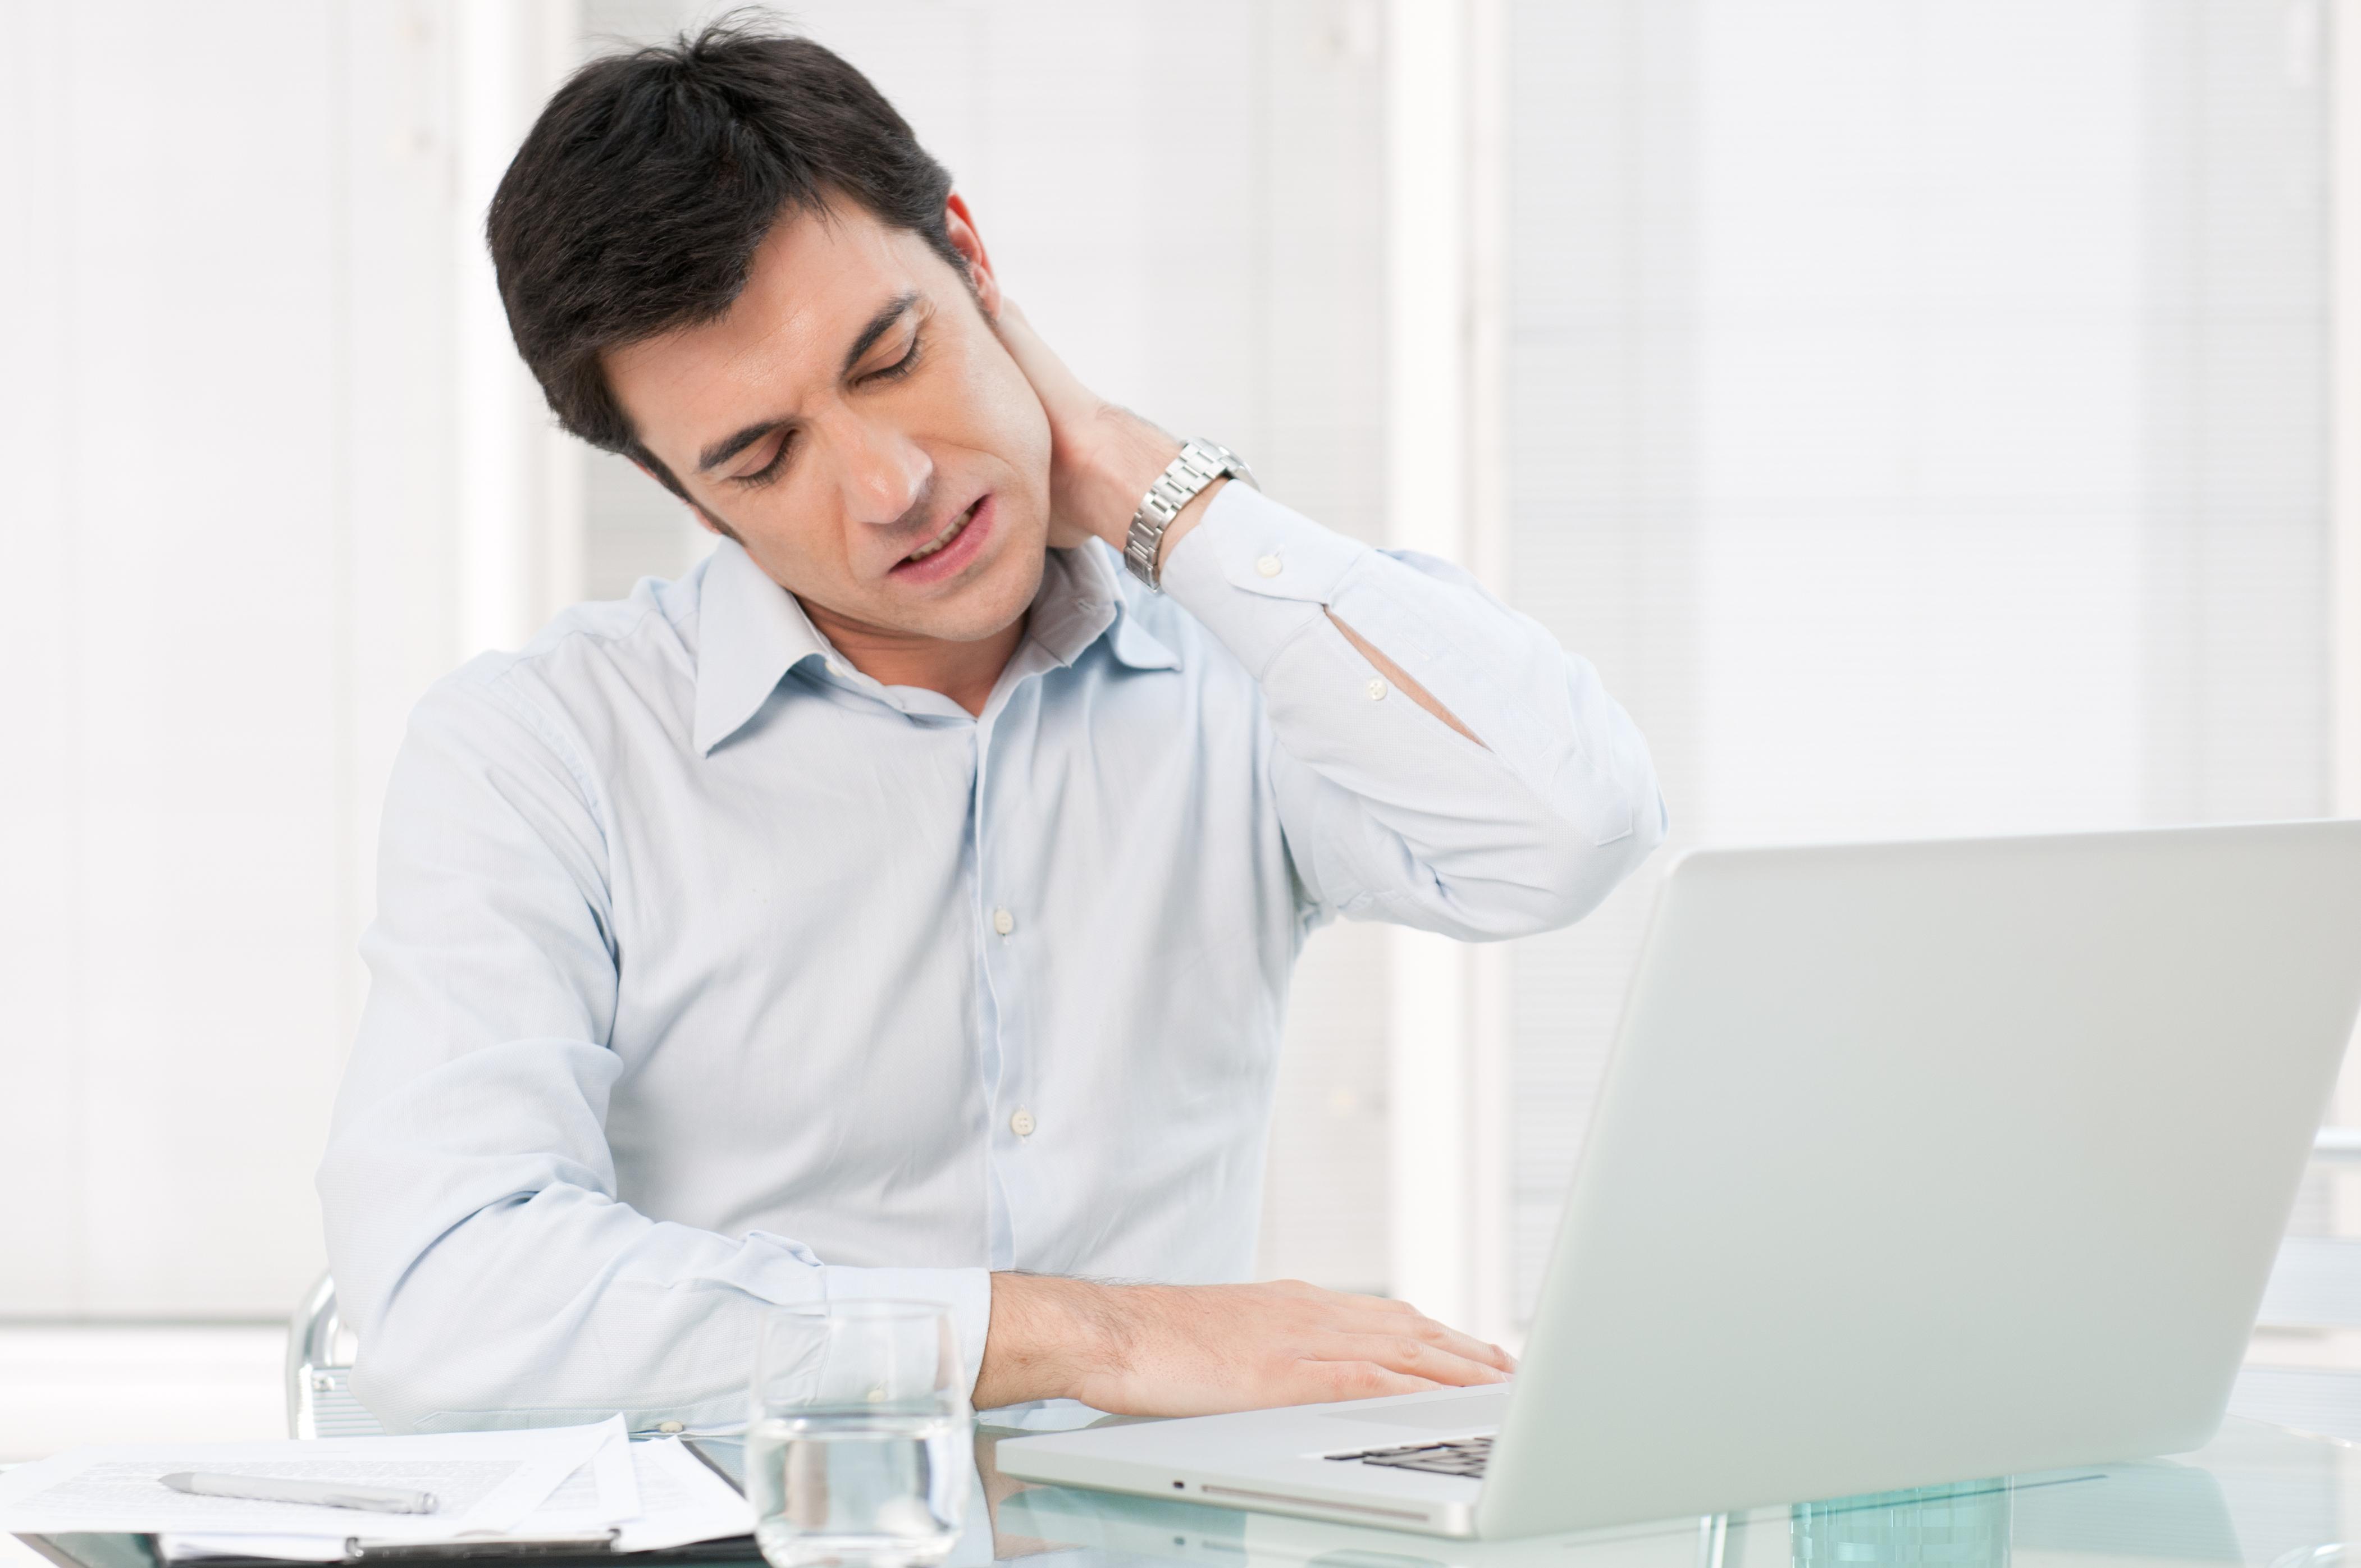 Neck pain, Chiropractor geelong, geelong chiropractor, geelong chiropractic, chiropractic geelong, headache, chiropractor